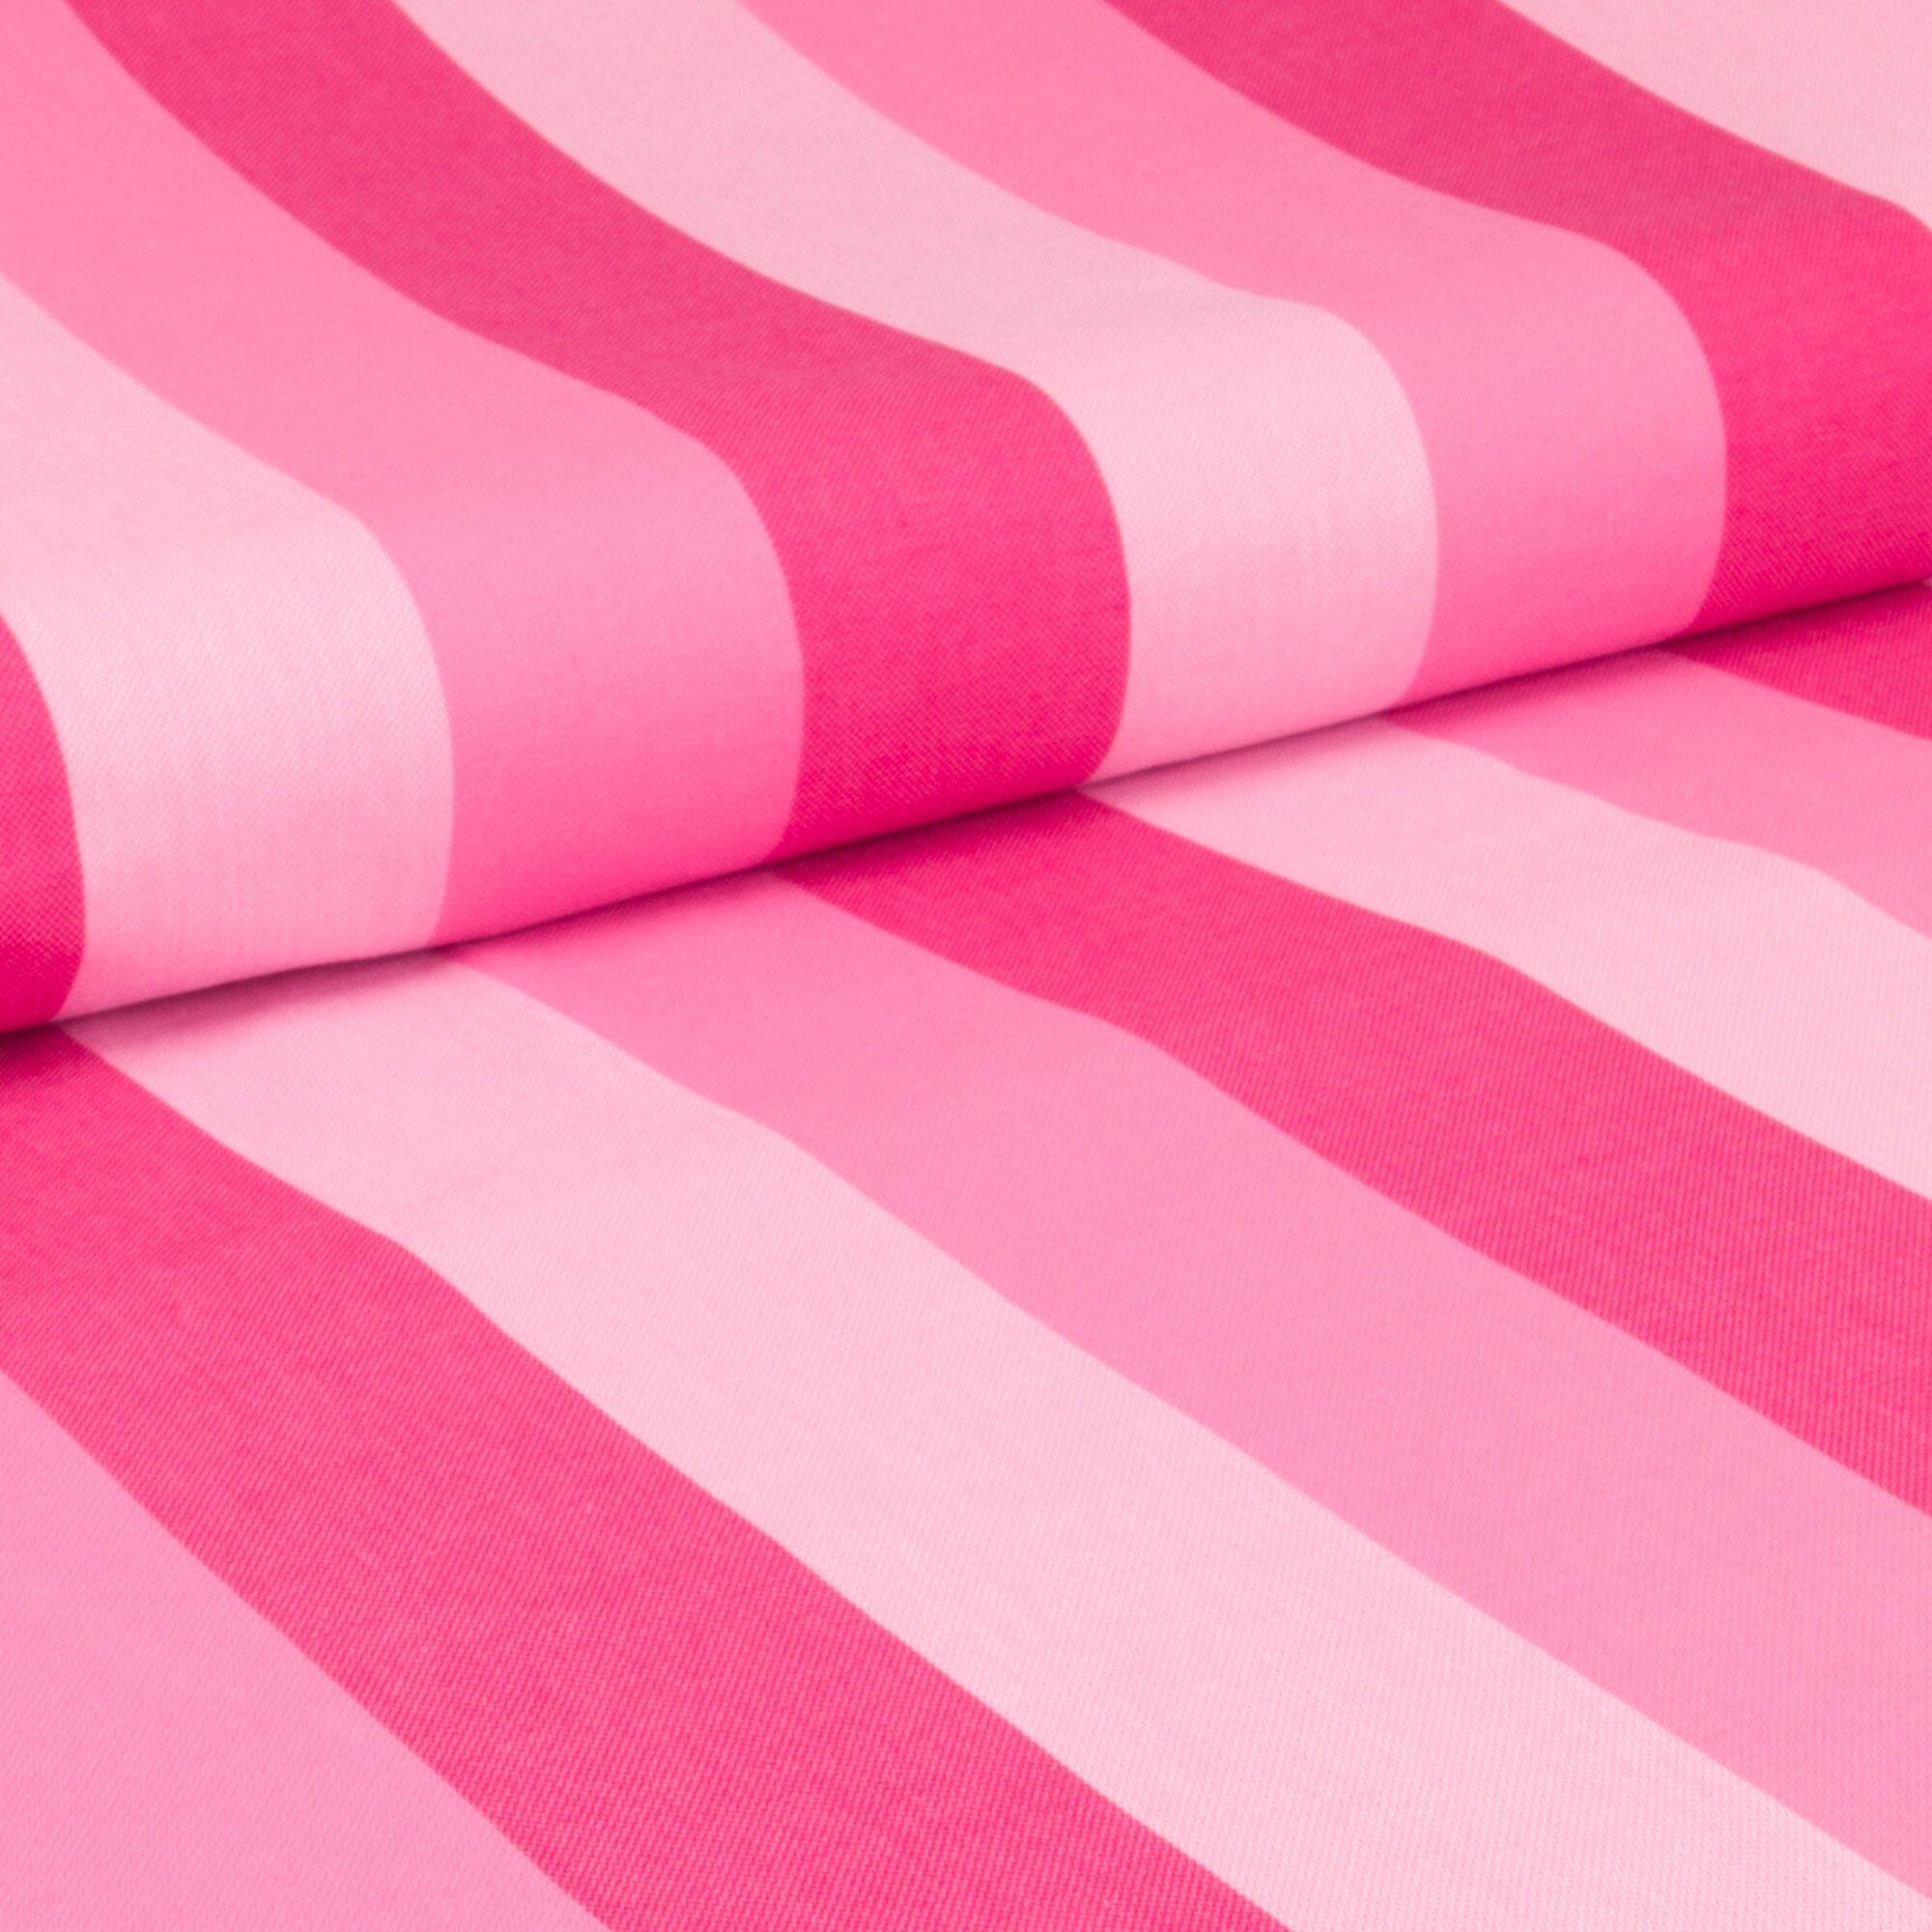 easymaxx-hoppediz-ring-sling-mit-streifen-rosa